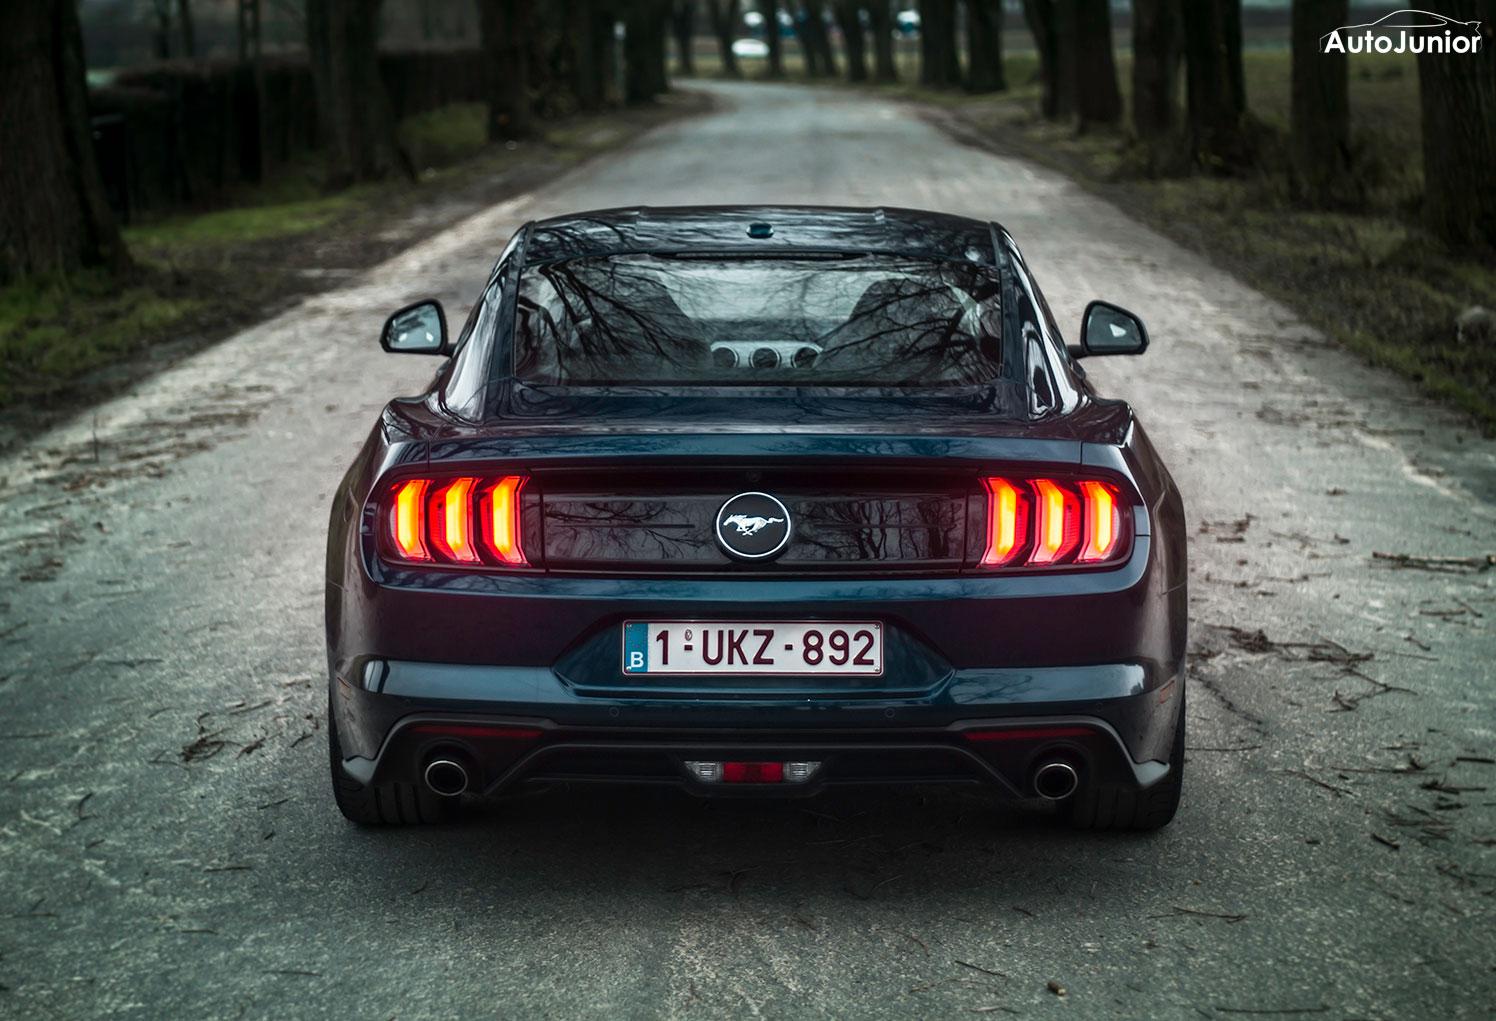 Rijtest: Ford Mustang 2.3i EcoBoost fastback